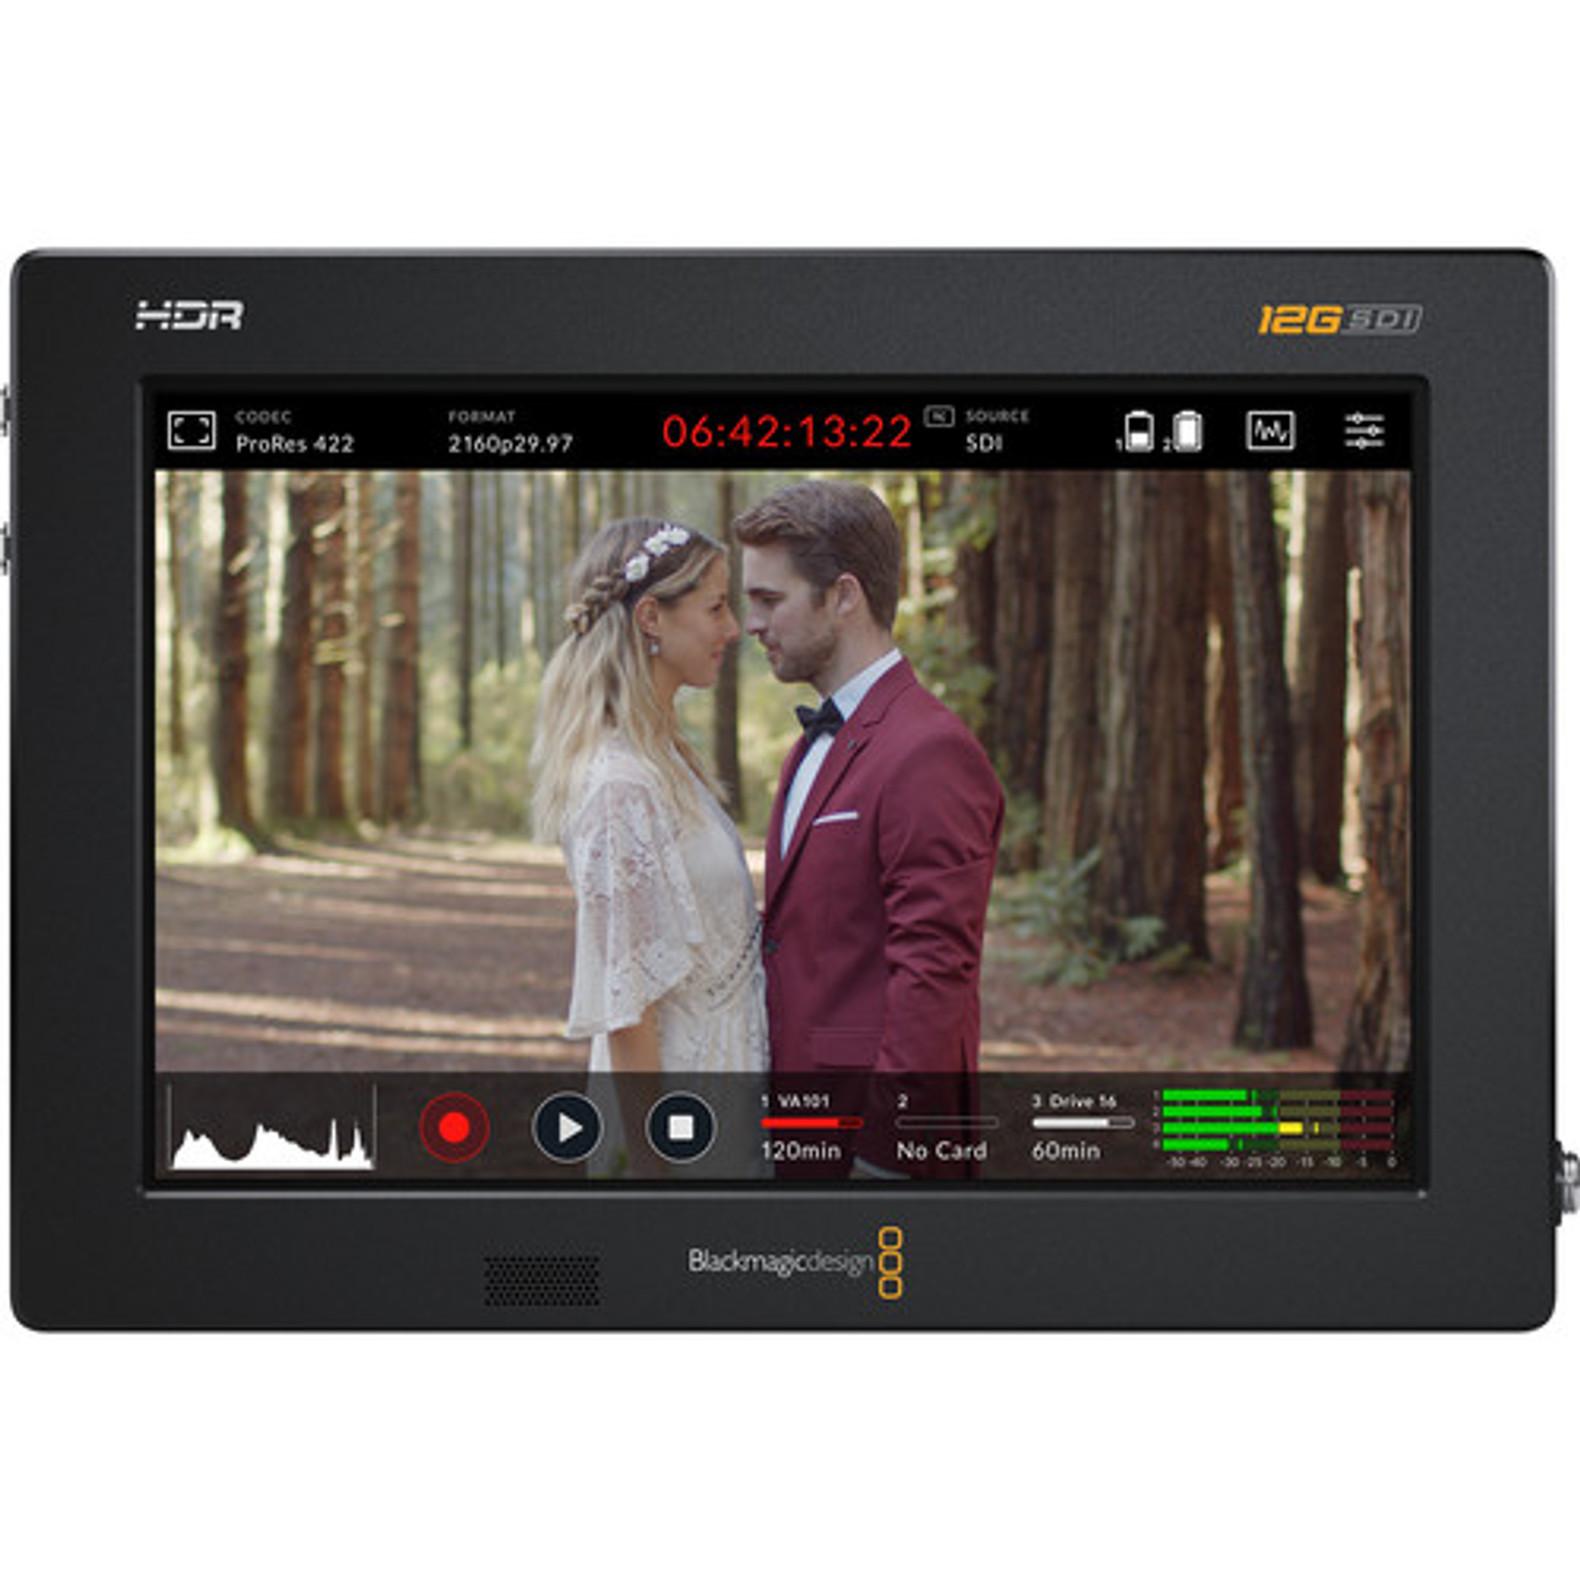 Blackmagic Design Video Assist 7 12g Sdi Hdmi Hdr Recording Monitor